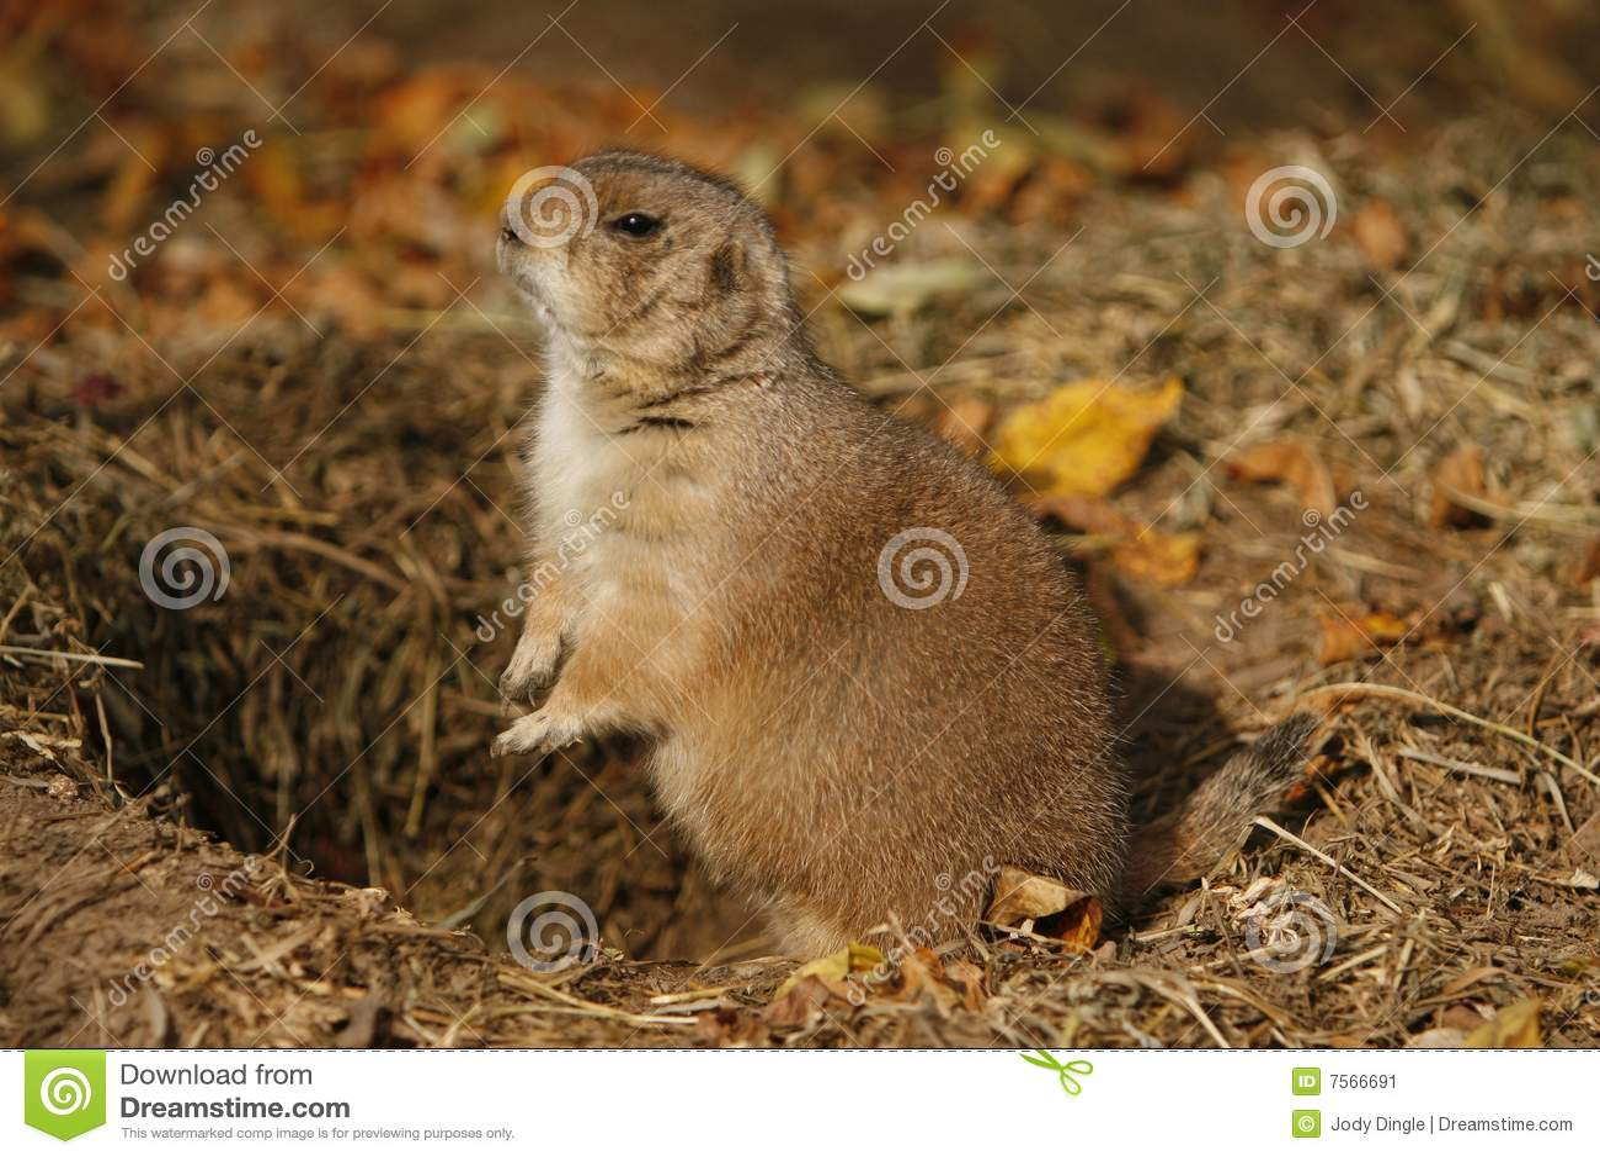 土拨鼠大叫表情动图_土拨鼠大叫表情动图的可爱图动表情包gif图片